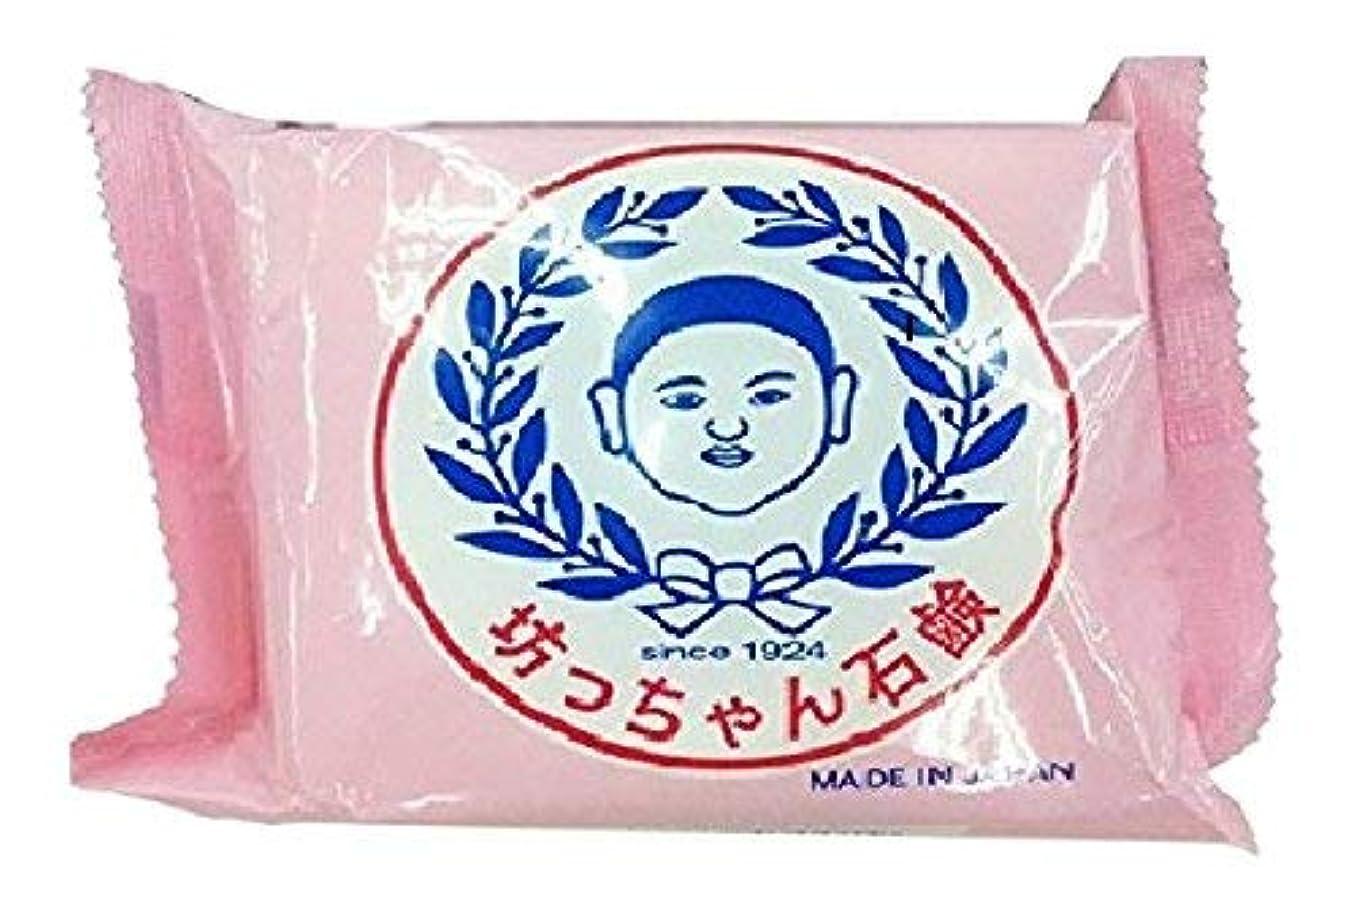 ボウリング遅れ落ちた【まとめ買い】坊っちゃん石鹸 釜出し一番 175g ×2個